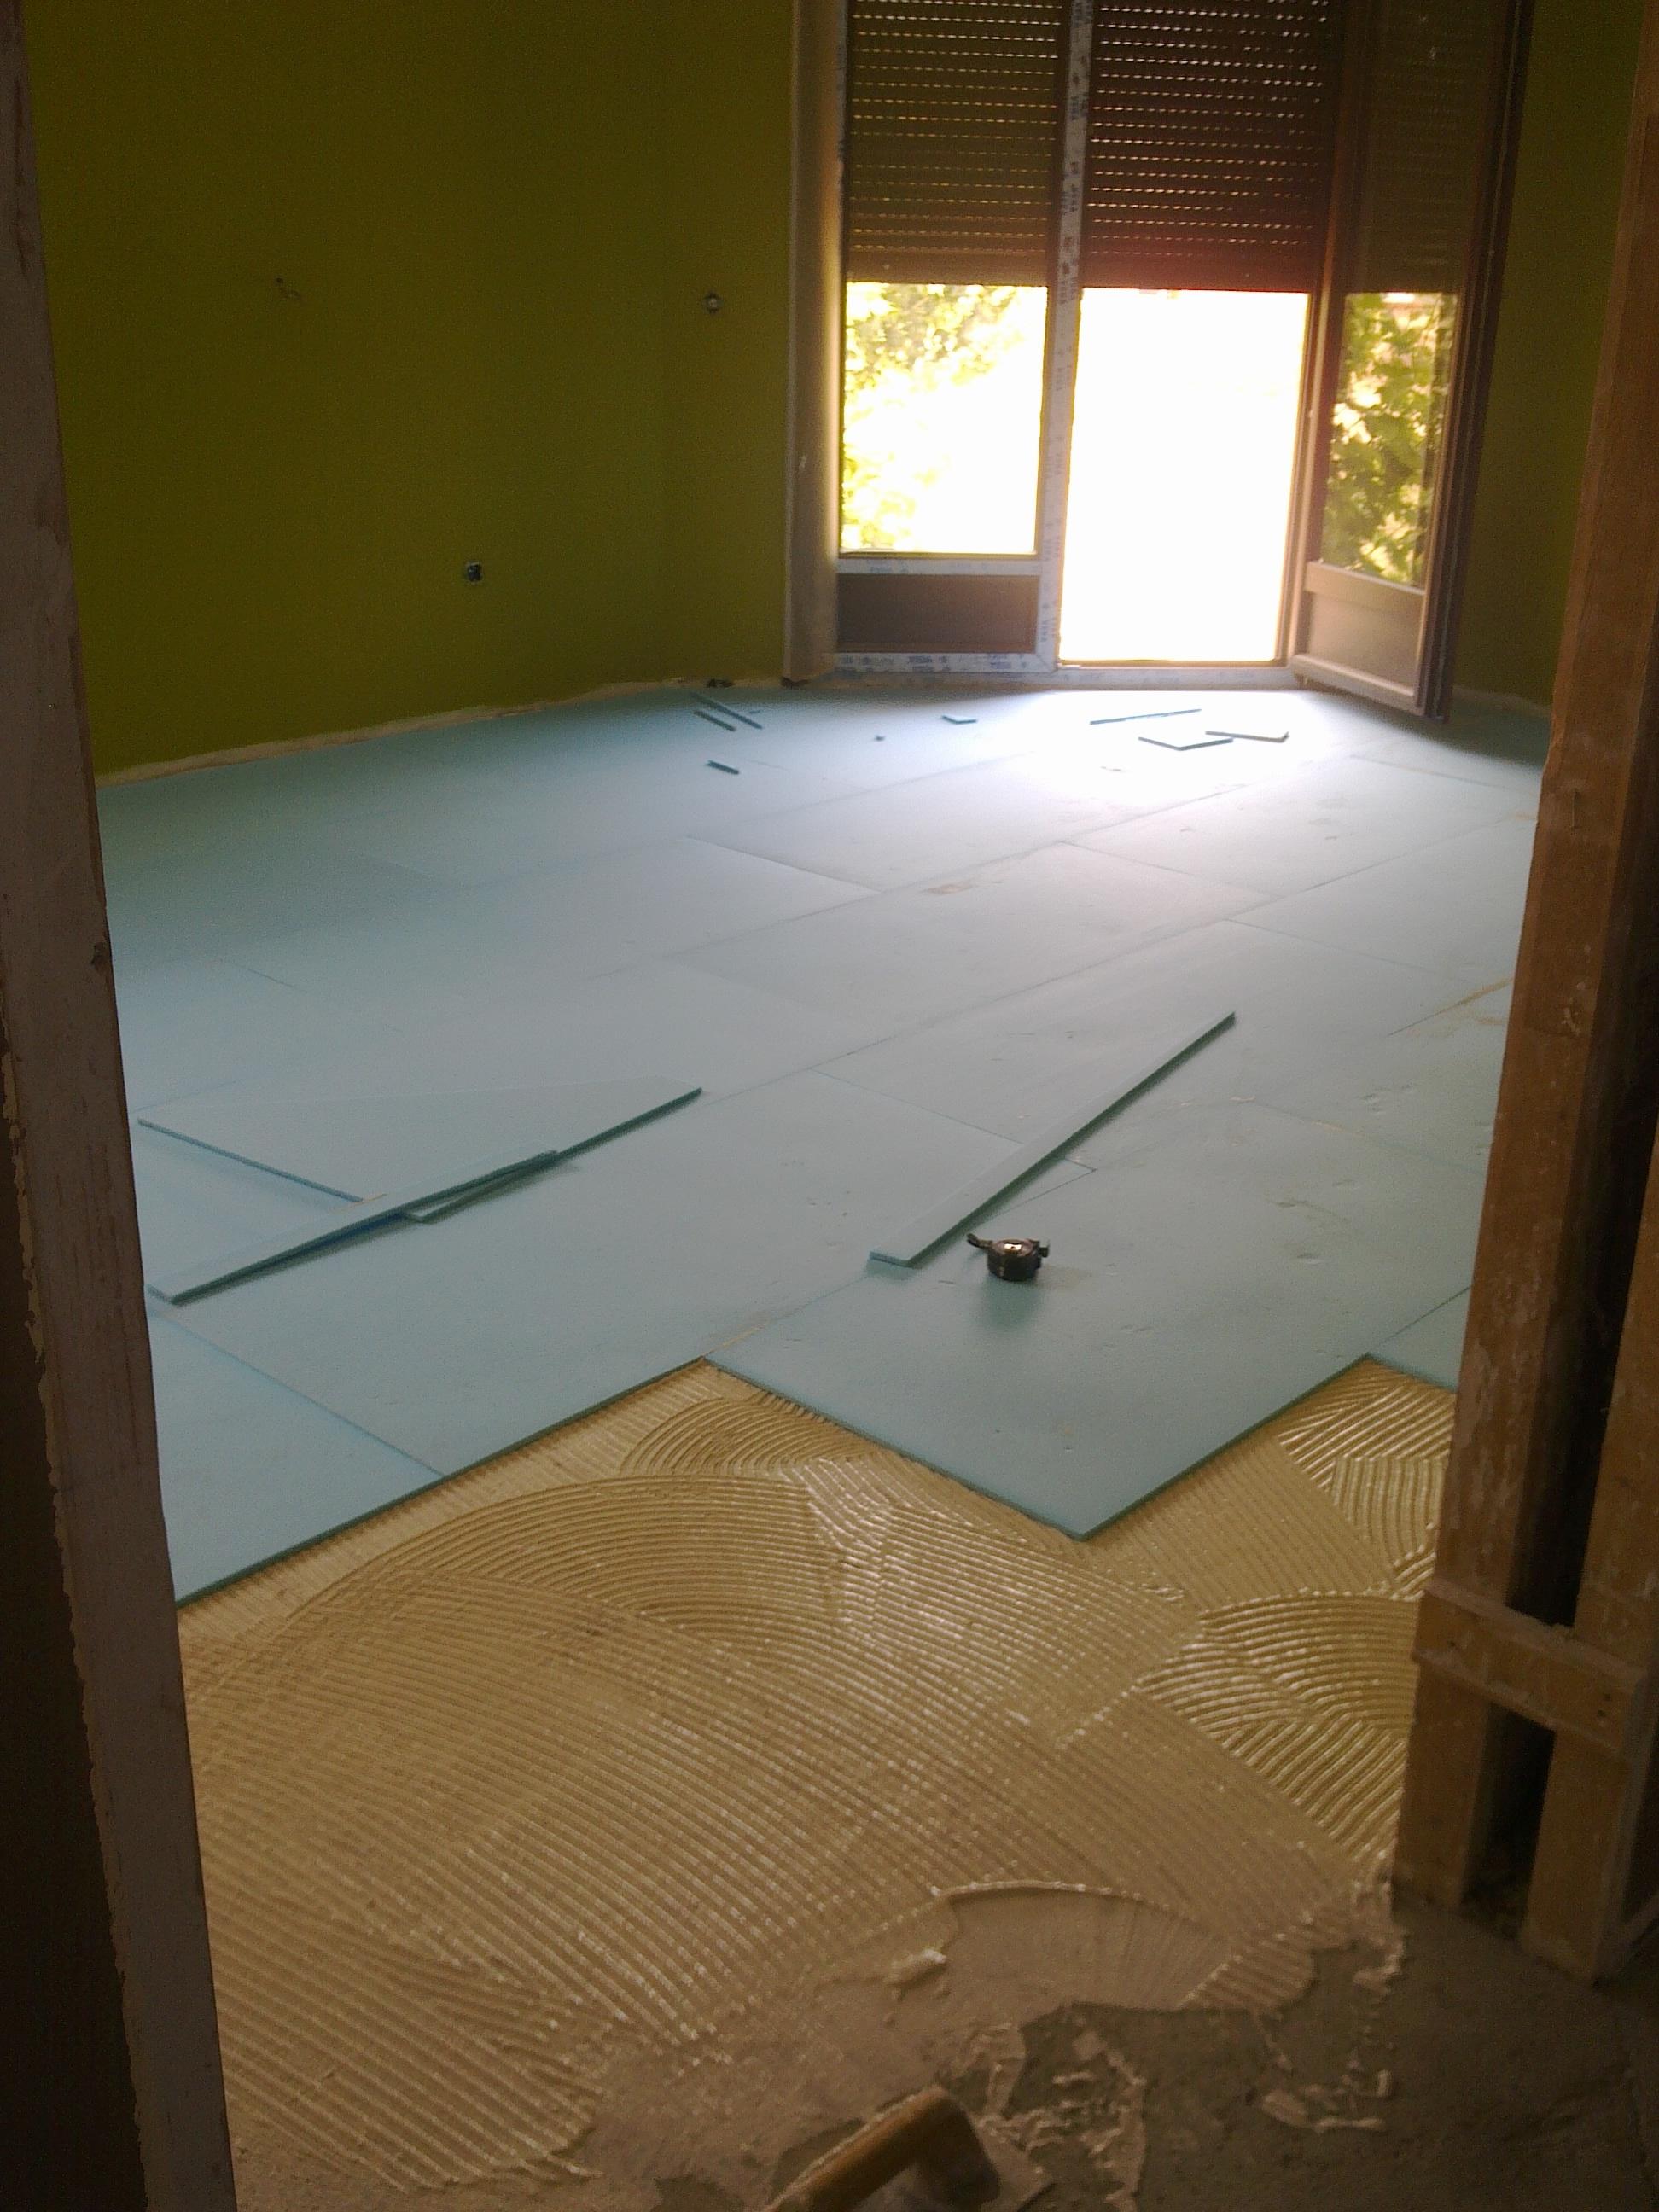 Salon aislante suelo tarima 1 instalaciones el ctricas - Aislante para suelo ...